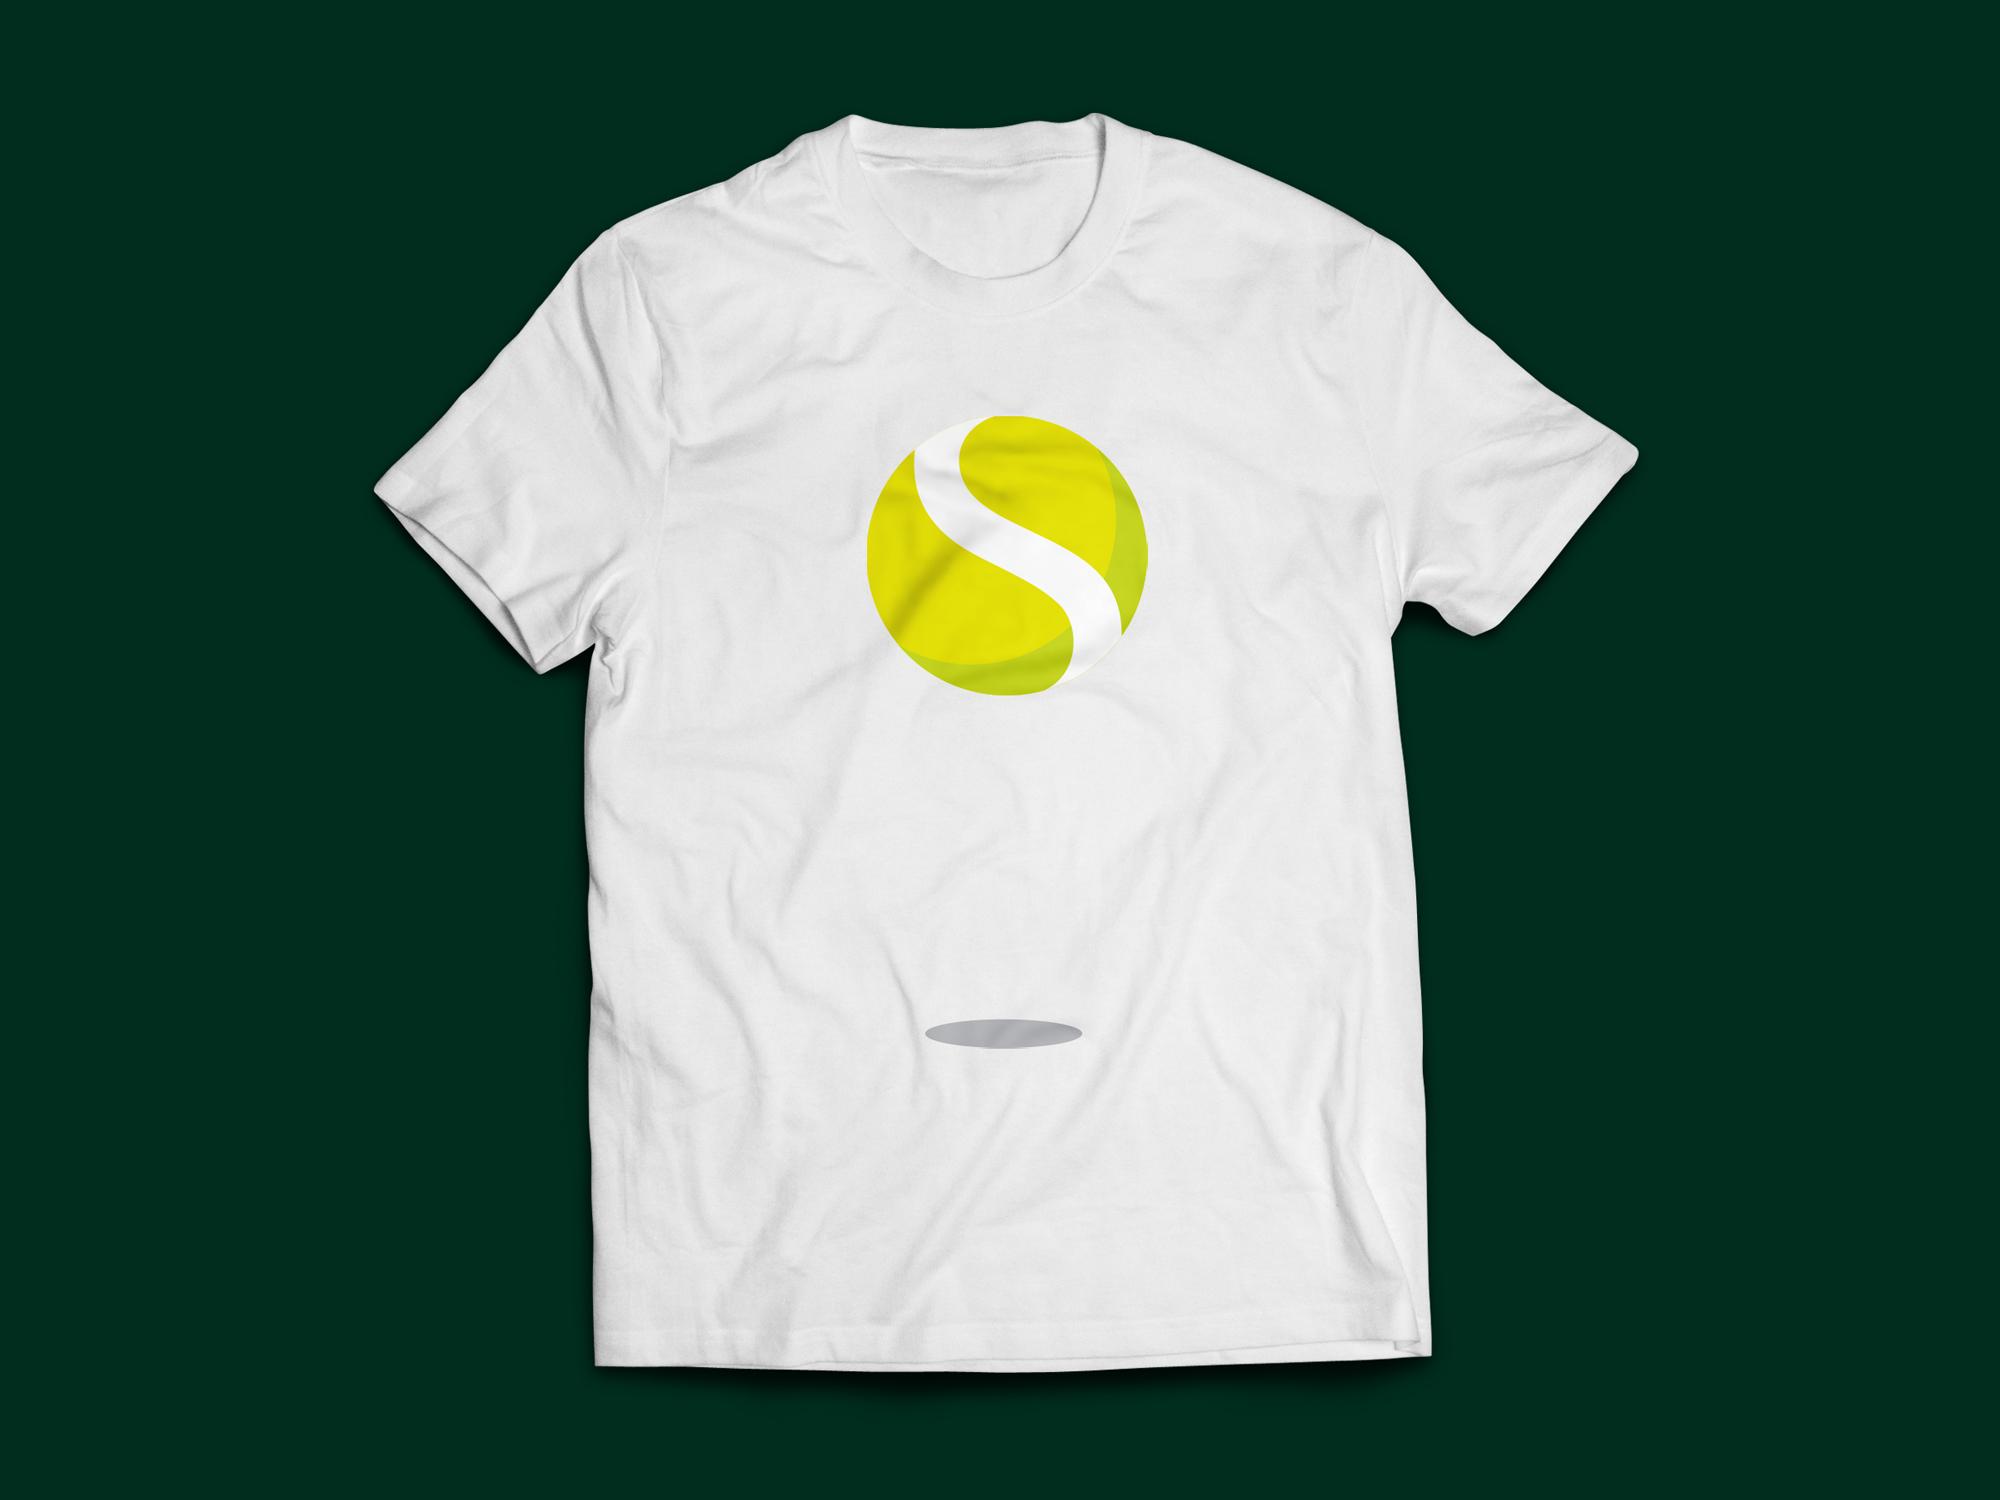 T-Shirt_1_bg